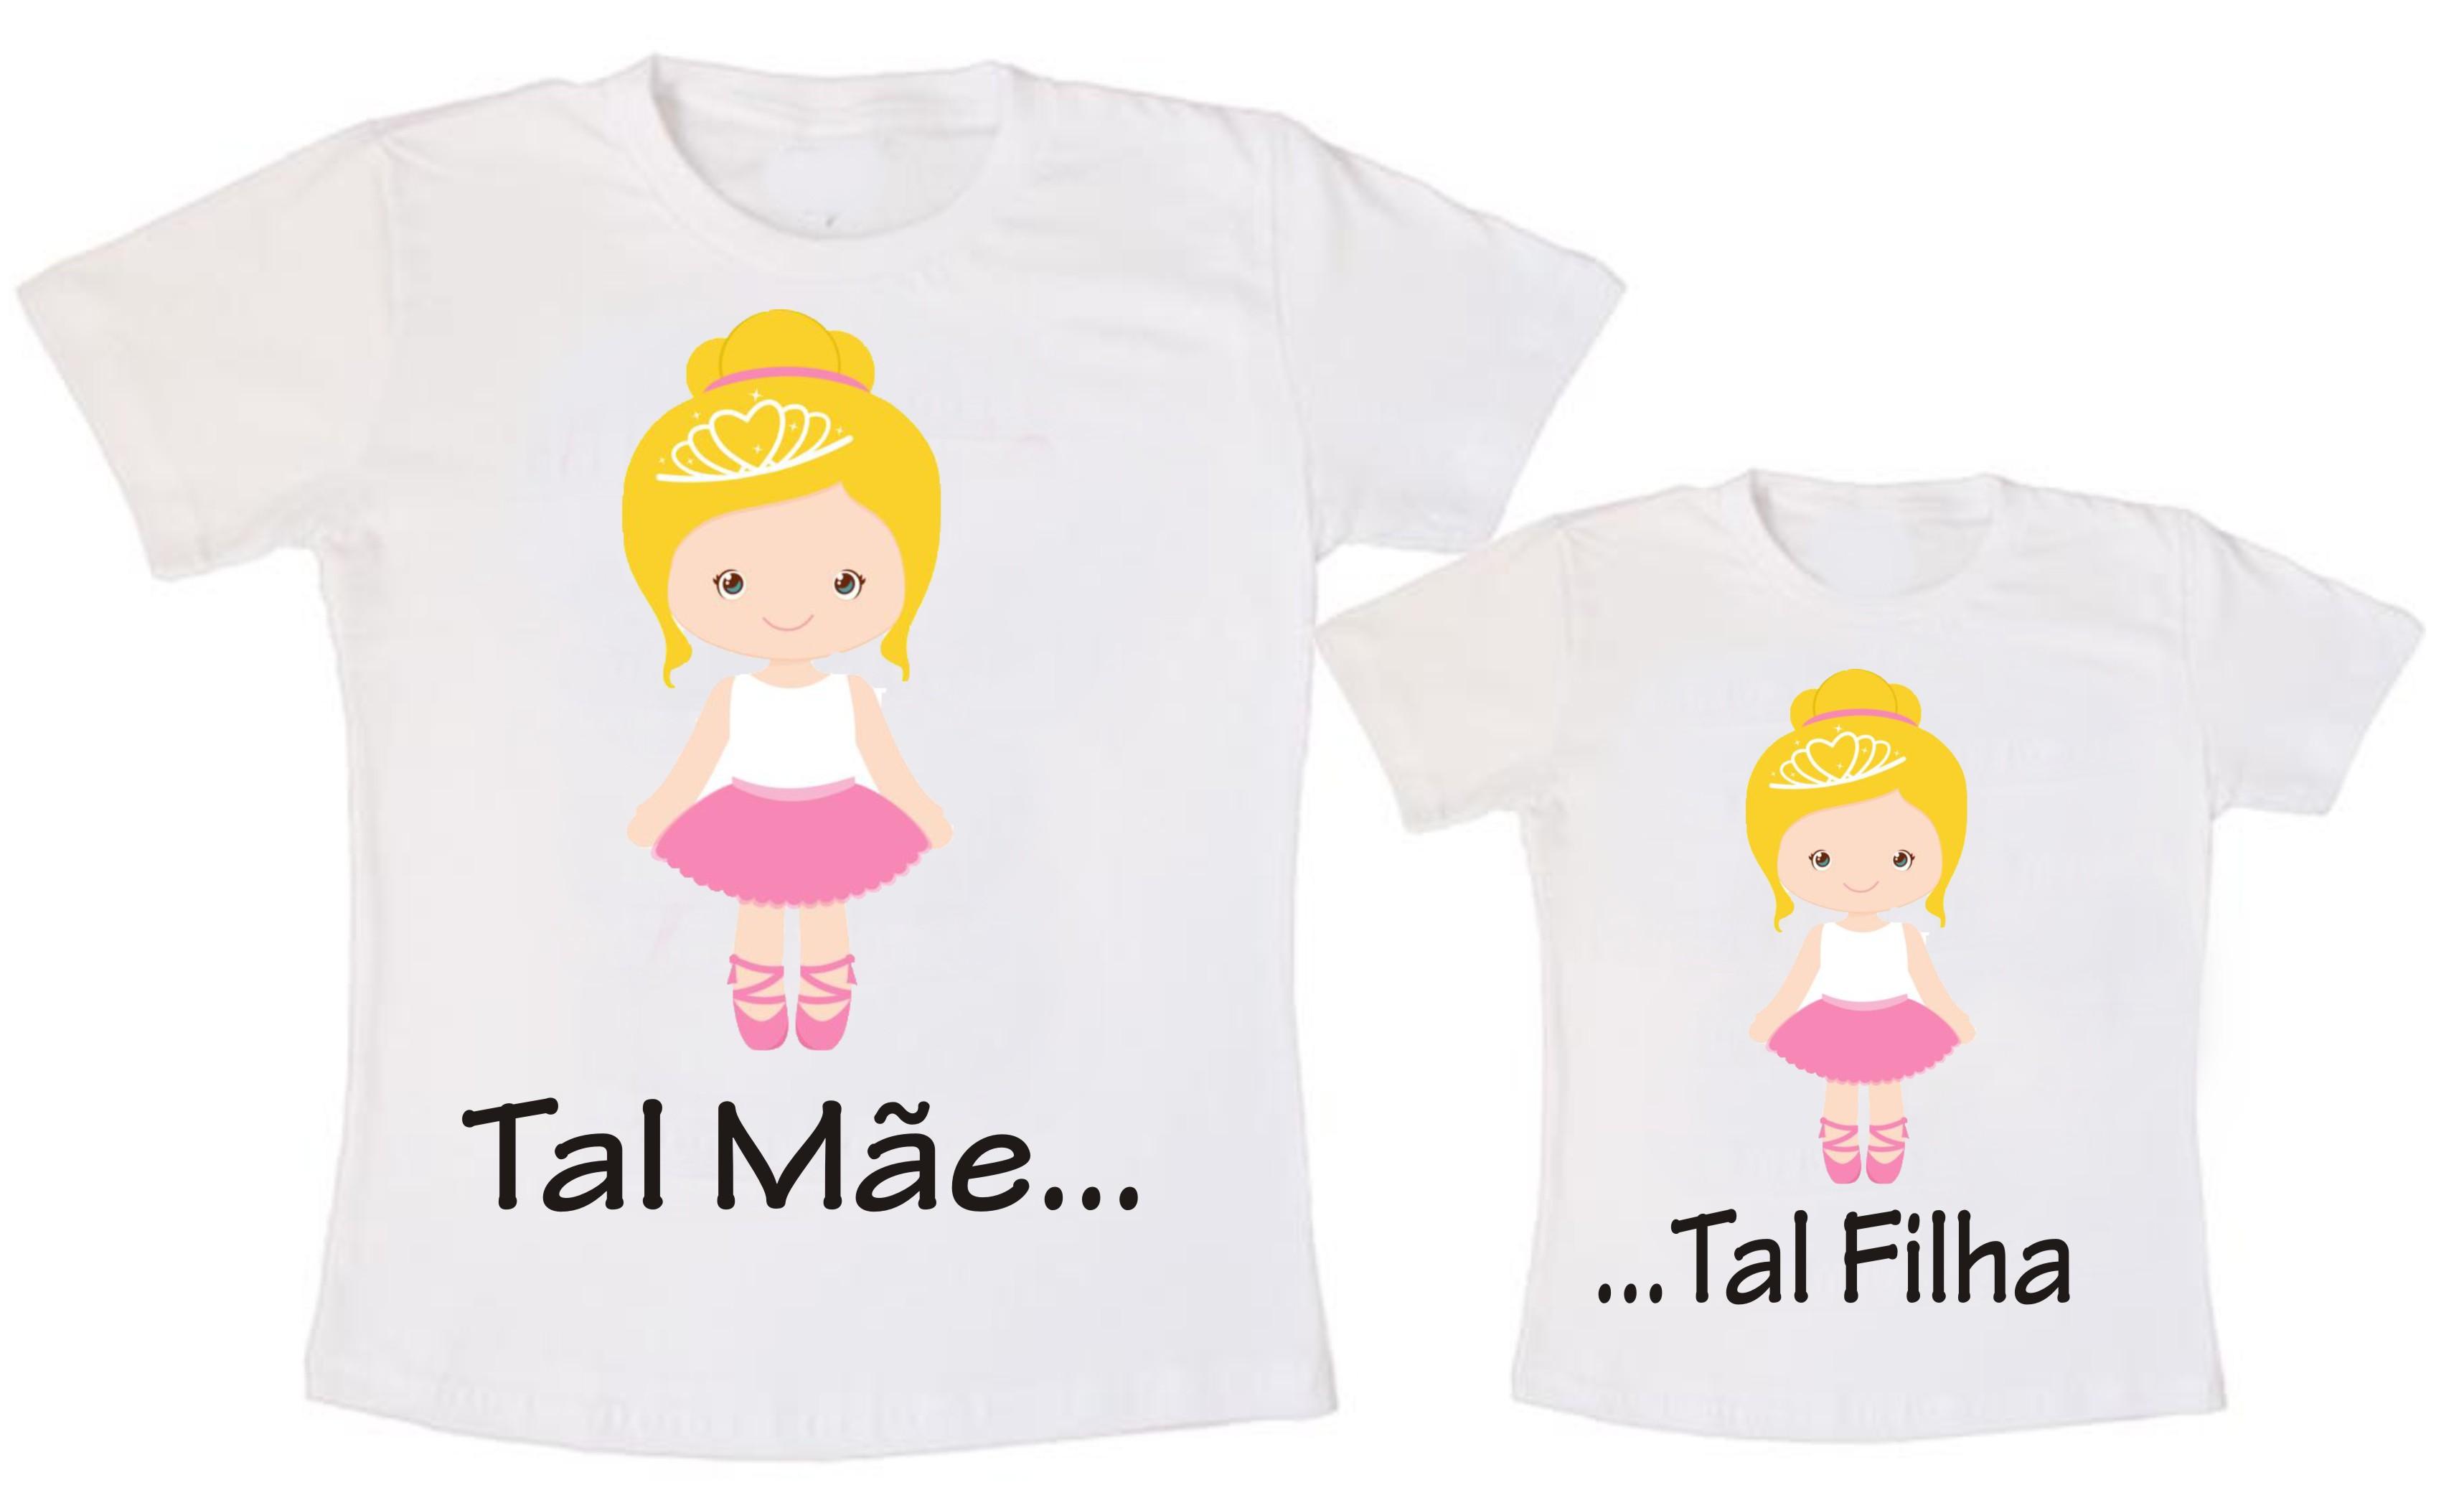 dd899103f Camiseta Tal Mãe Tal Filha Bailarina no Elo7 | EstampariaDesing (7DAC2C)